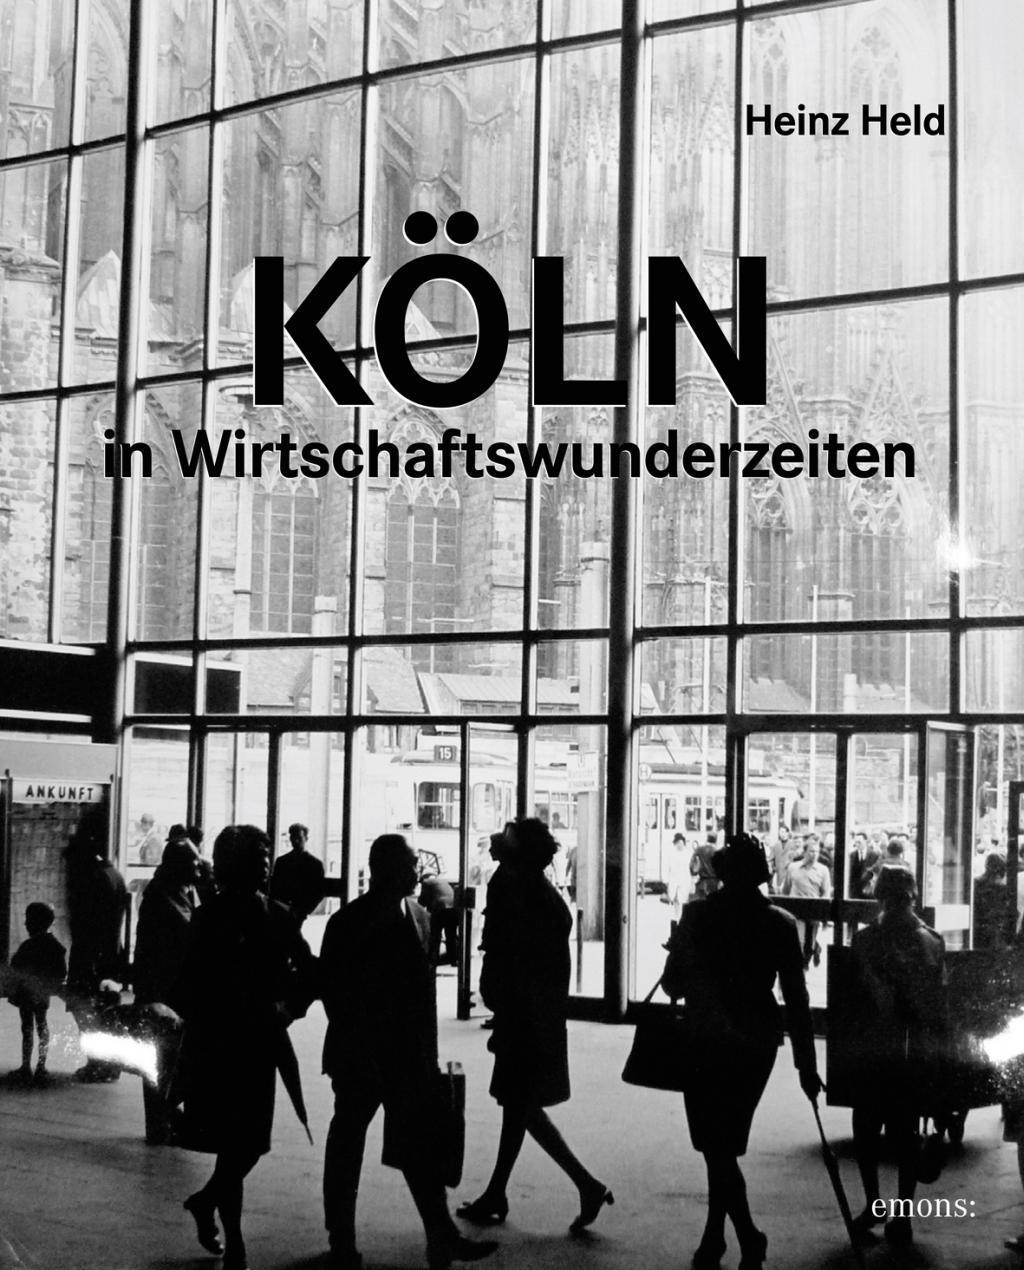 Köln in Wirtschaftswunderzeiten: Köln in einzigartigen Bildern Heinz Held